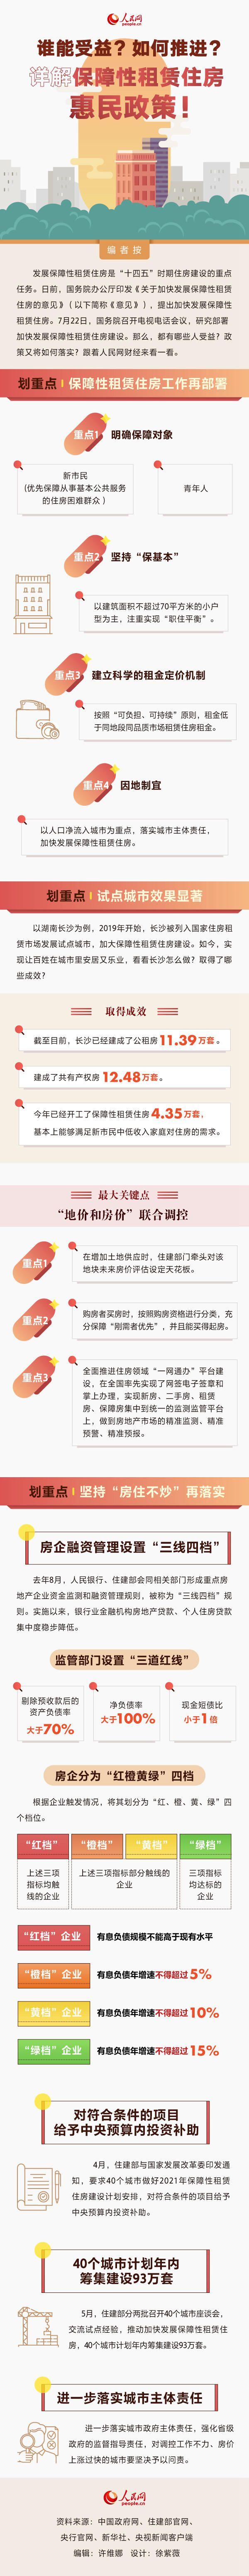 详解保障性租赁住房惠民政策!